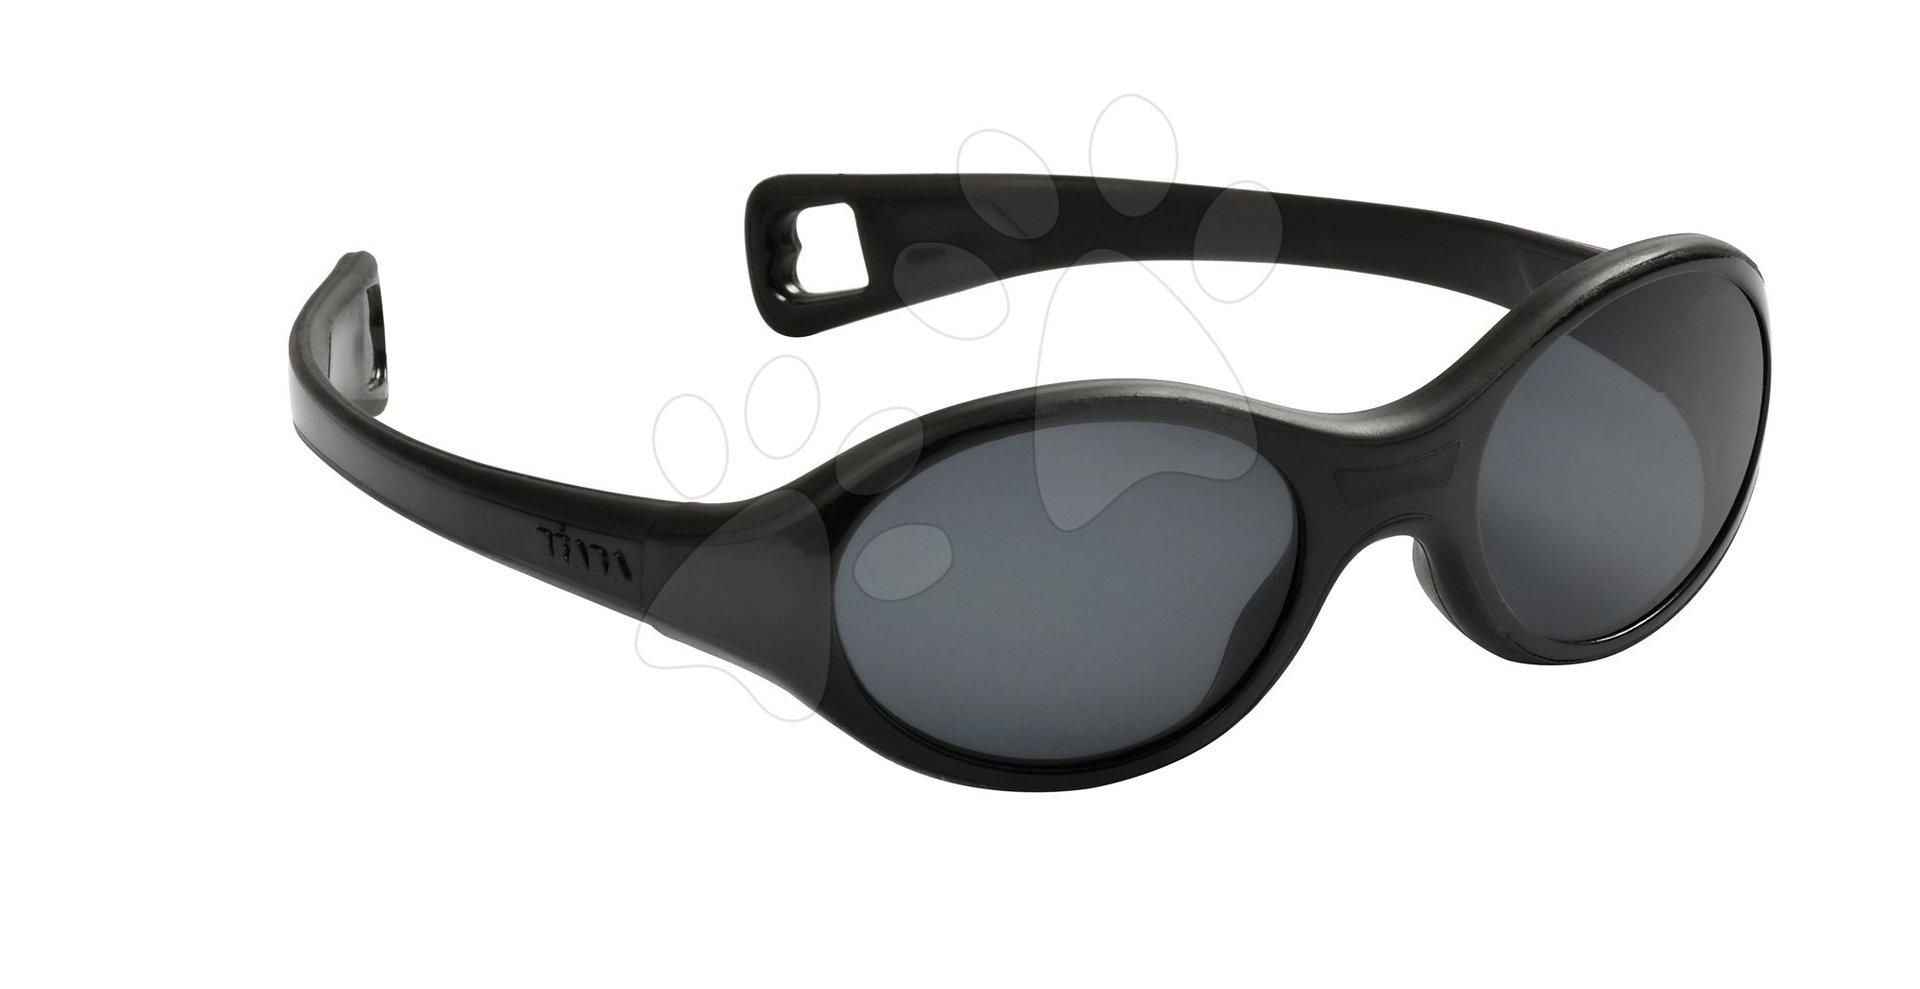 Dětské sluneční brýle Beaba Kids M od 12 měsíců s UV filtrem 3 černé